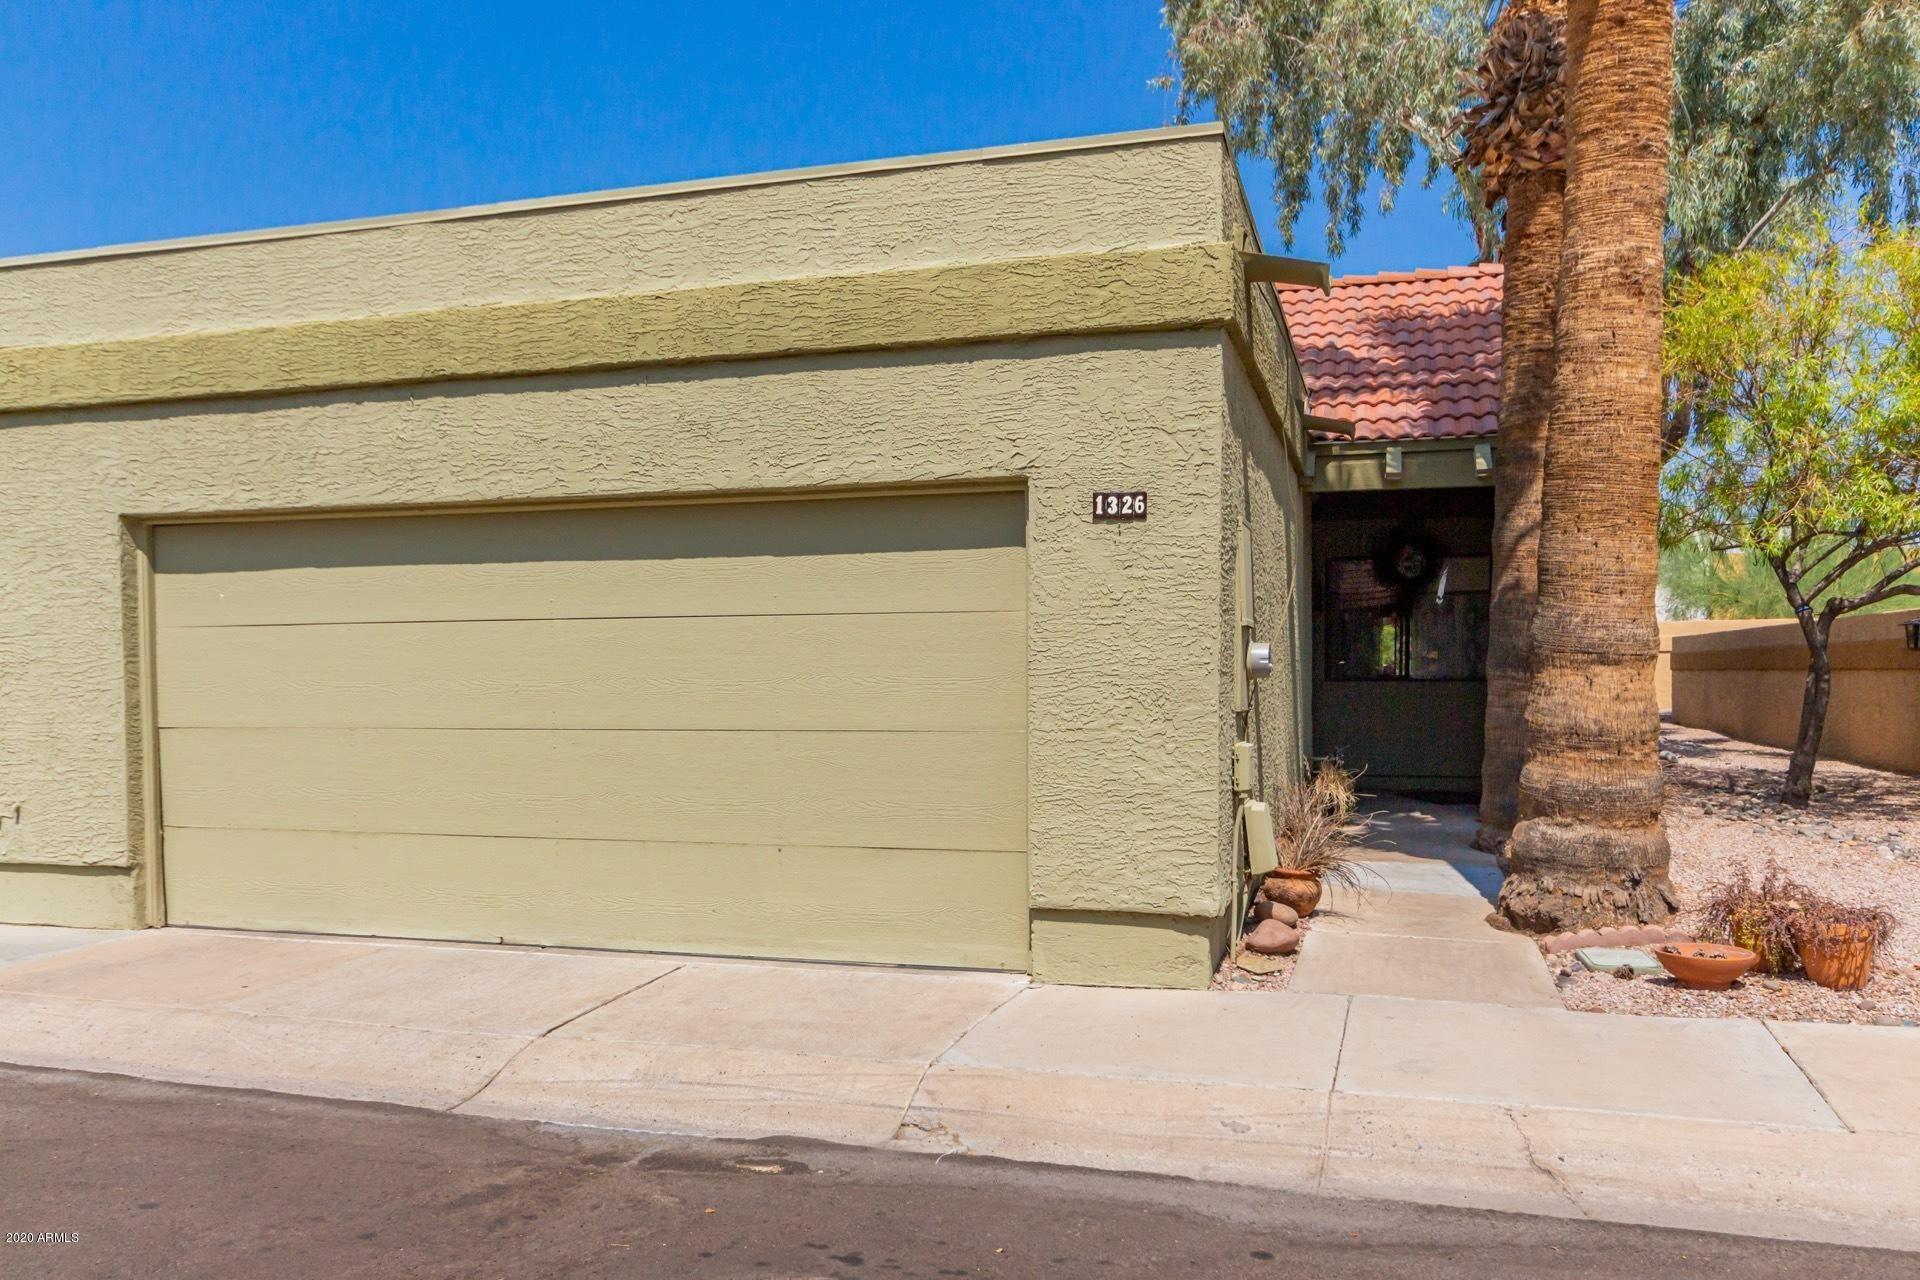 1326 E SUSAN Lane, Tempe, AZ 85281 - MLS#: 6132597